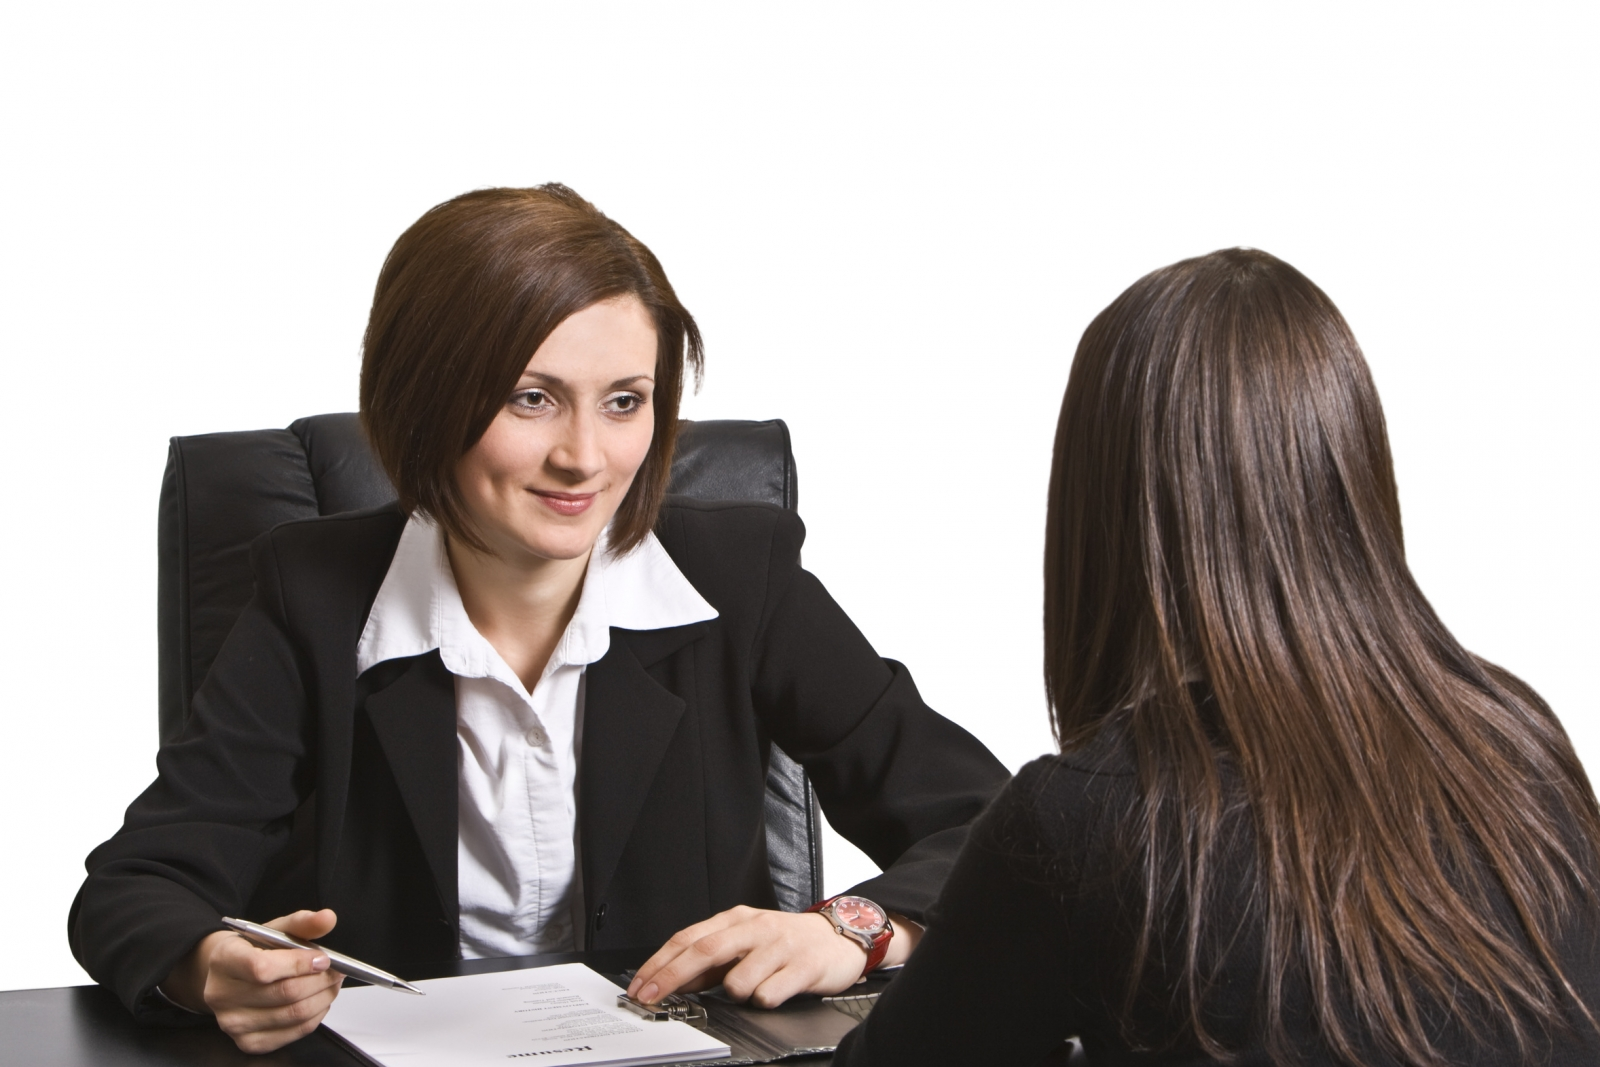 Nhân viên tư vấn là gì? Hé lộ kỹ năng trở thành nhân viên tư vấn chuyên  nghiệp